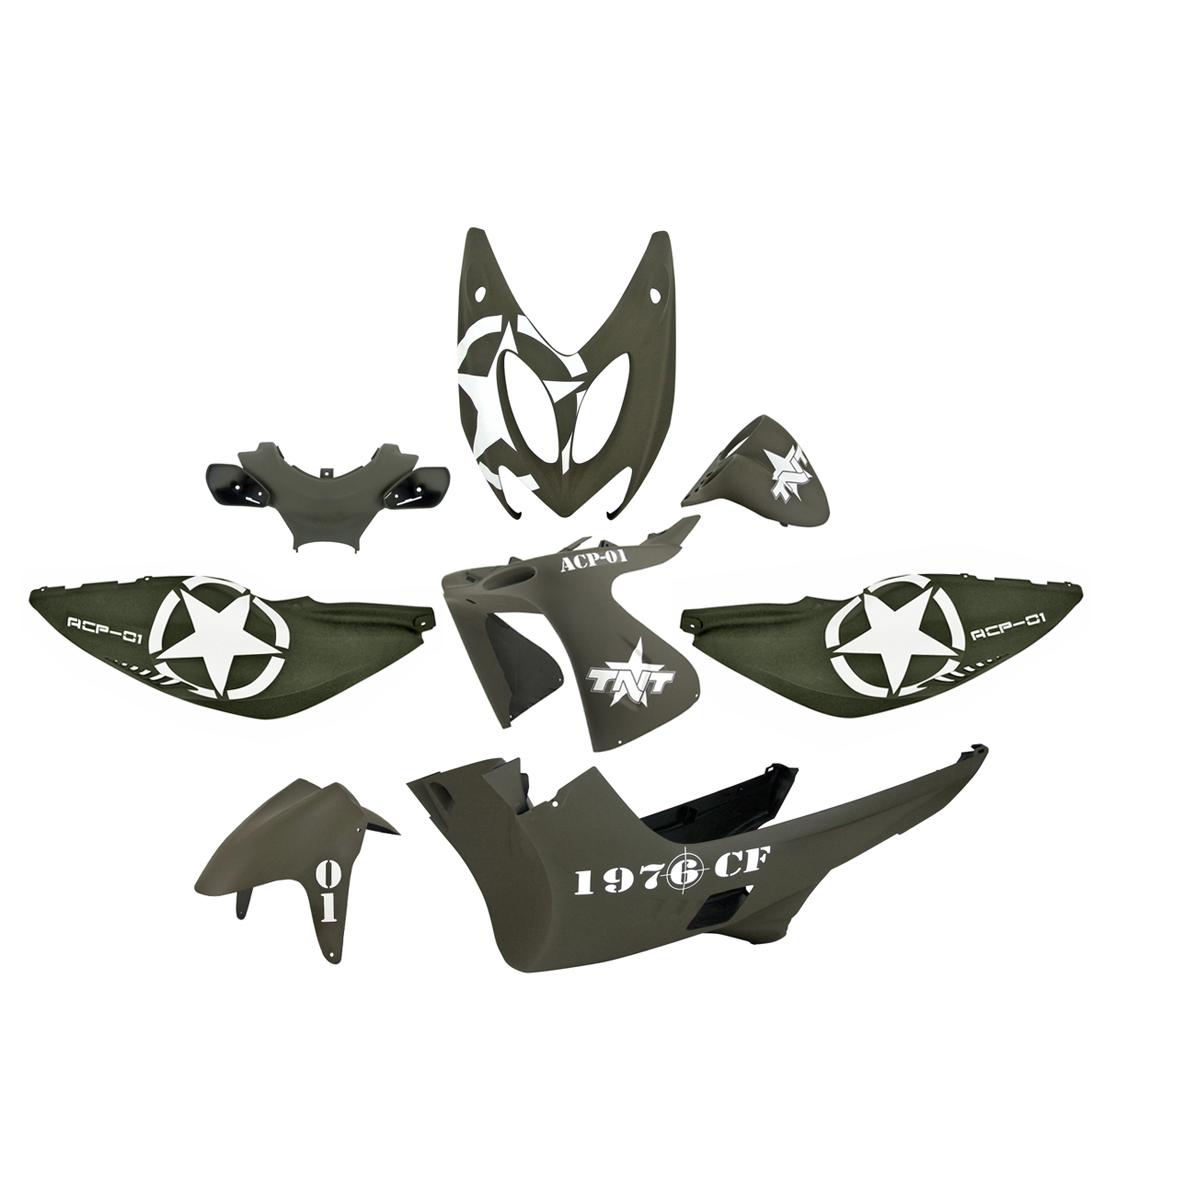 Kit habillage complet Army Nitro (8 pièces) - Noir Mat